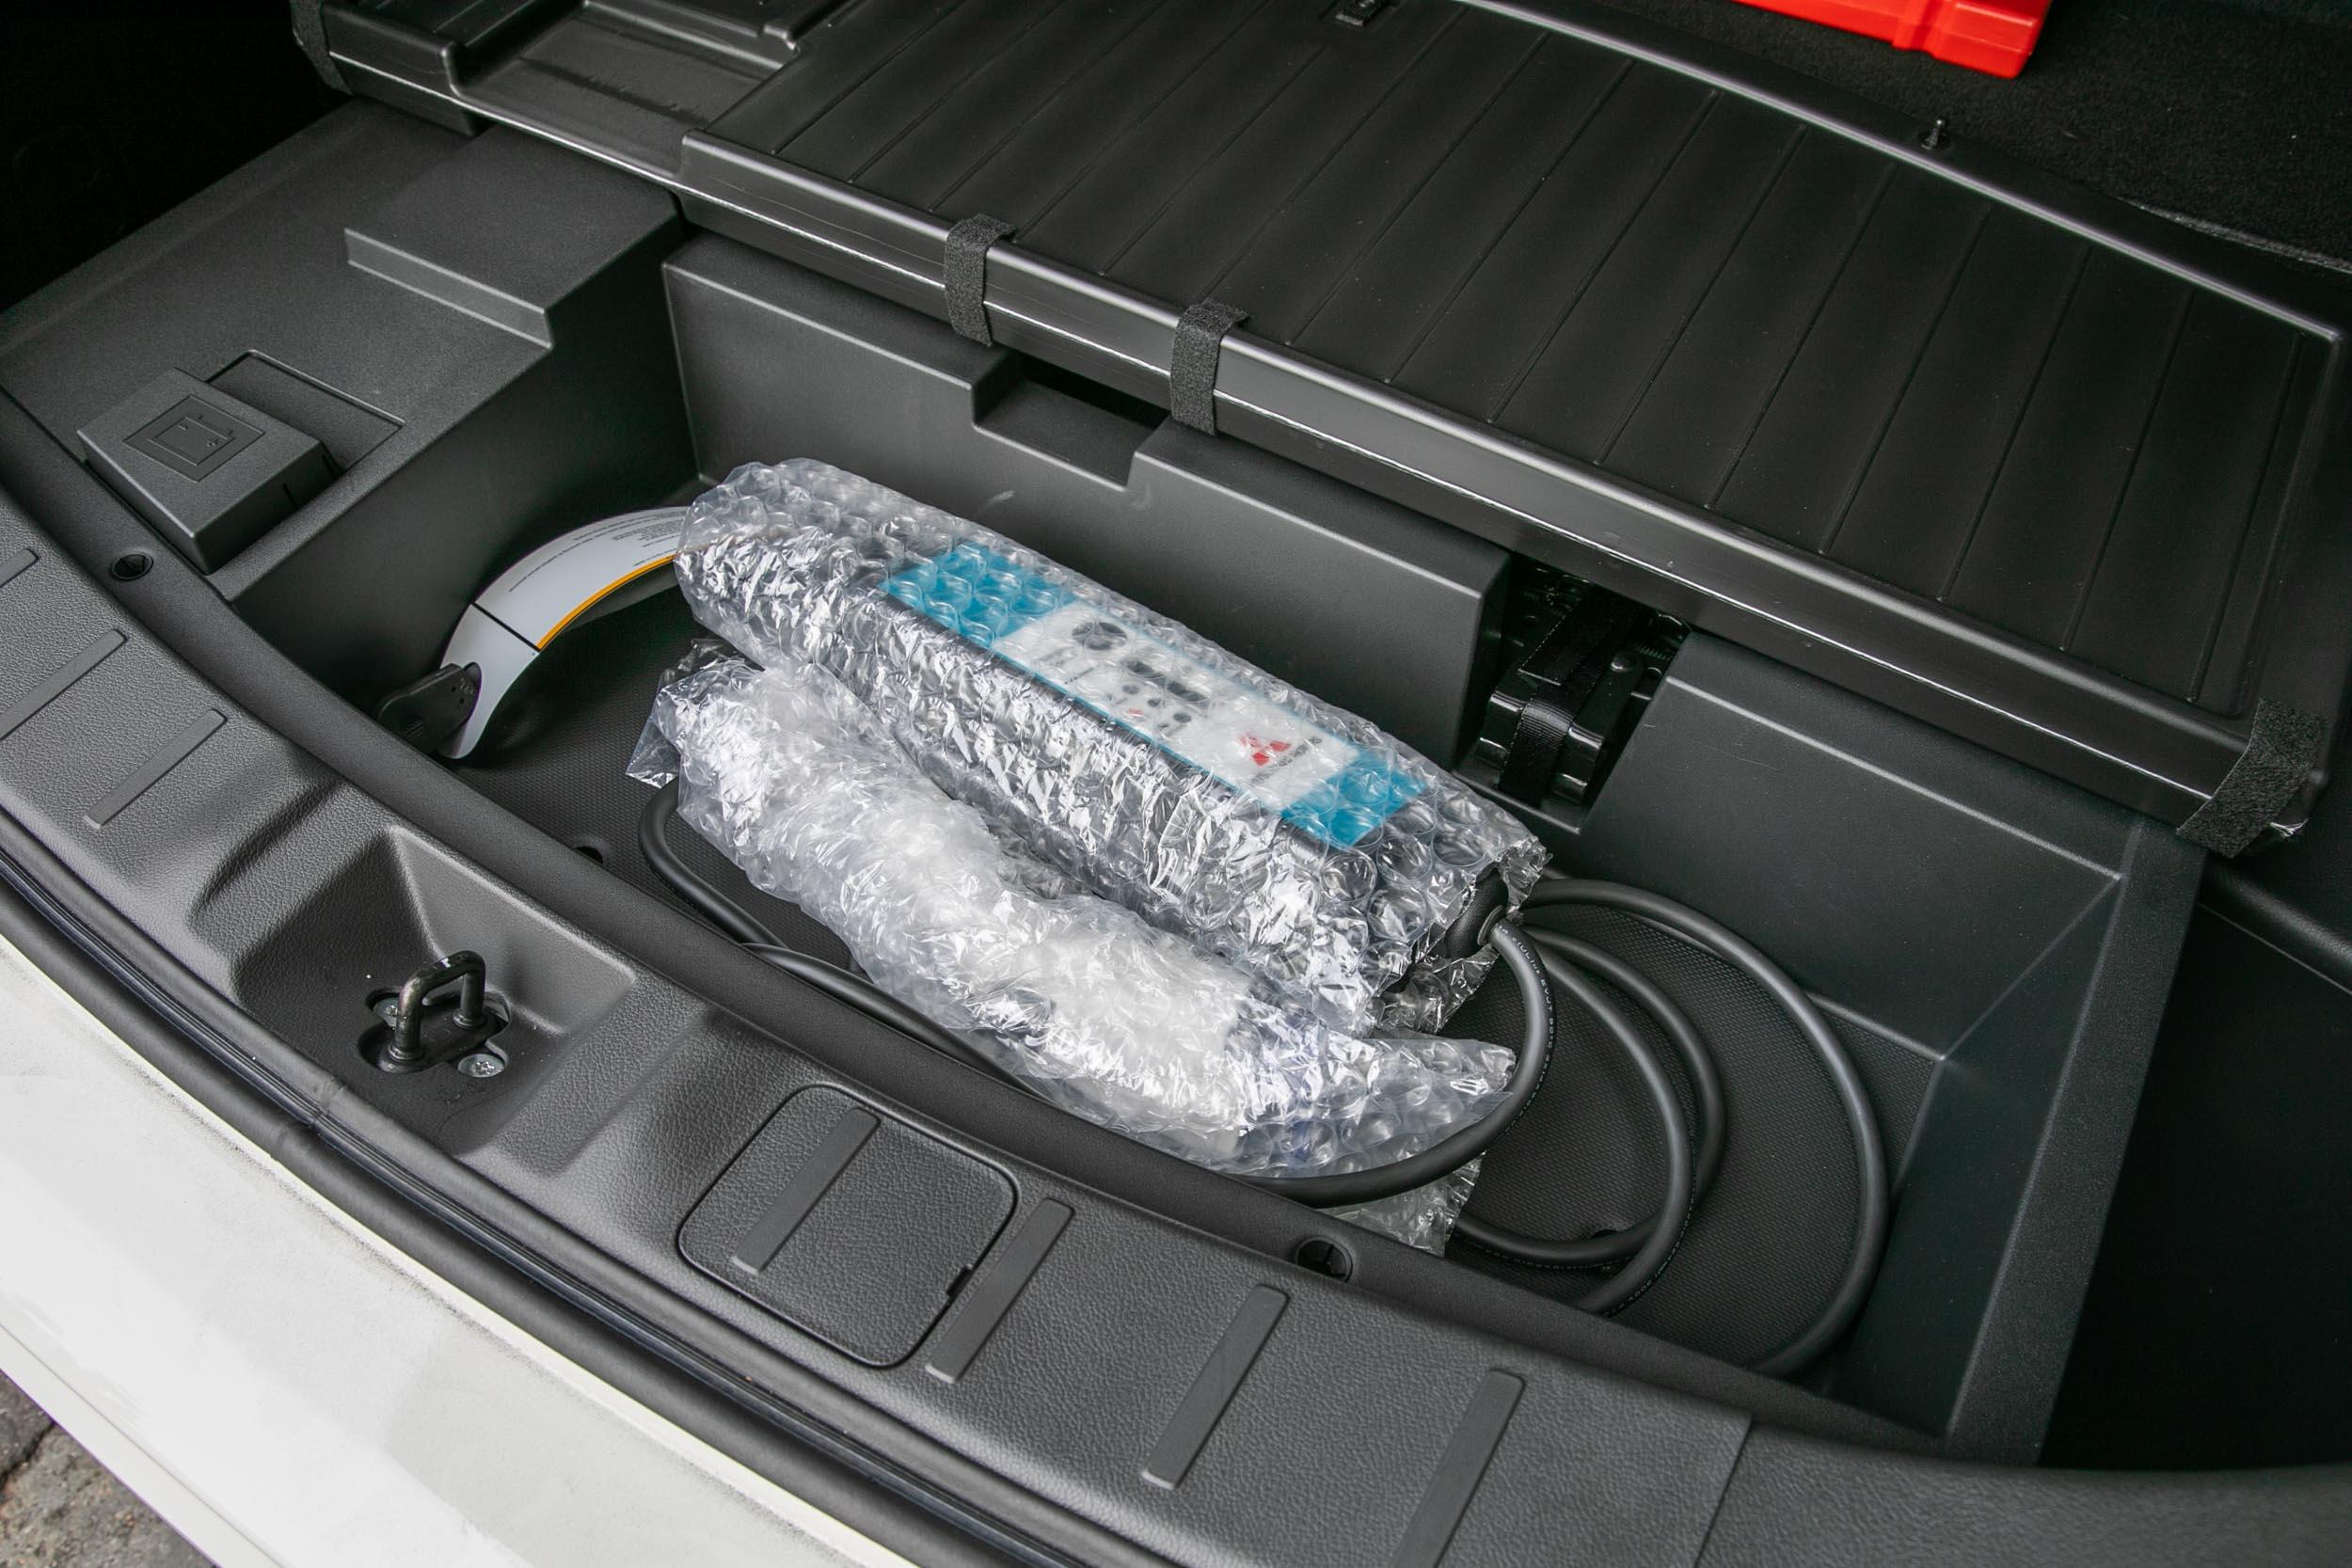 隨車附贈的充電線,放置於後車廂下方隔板處。